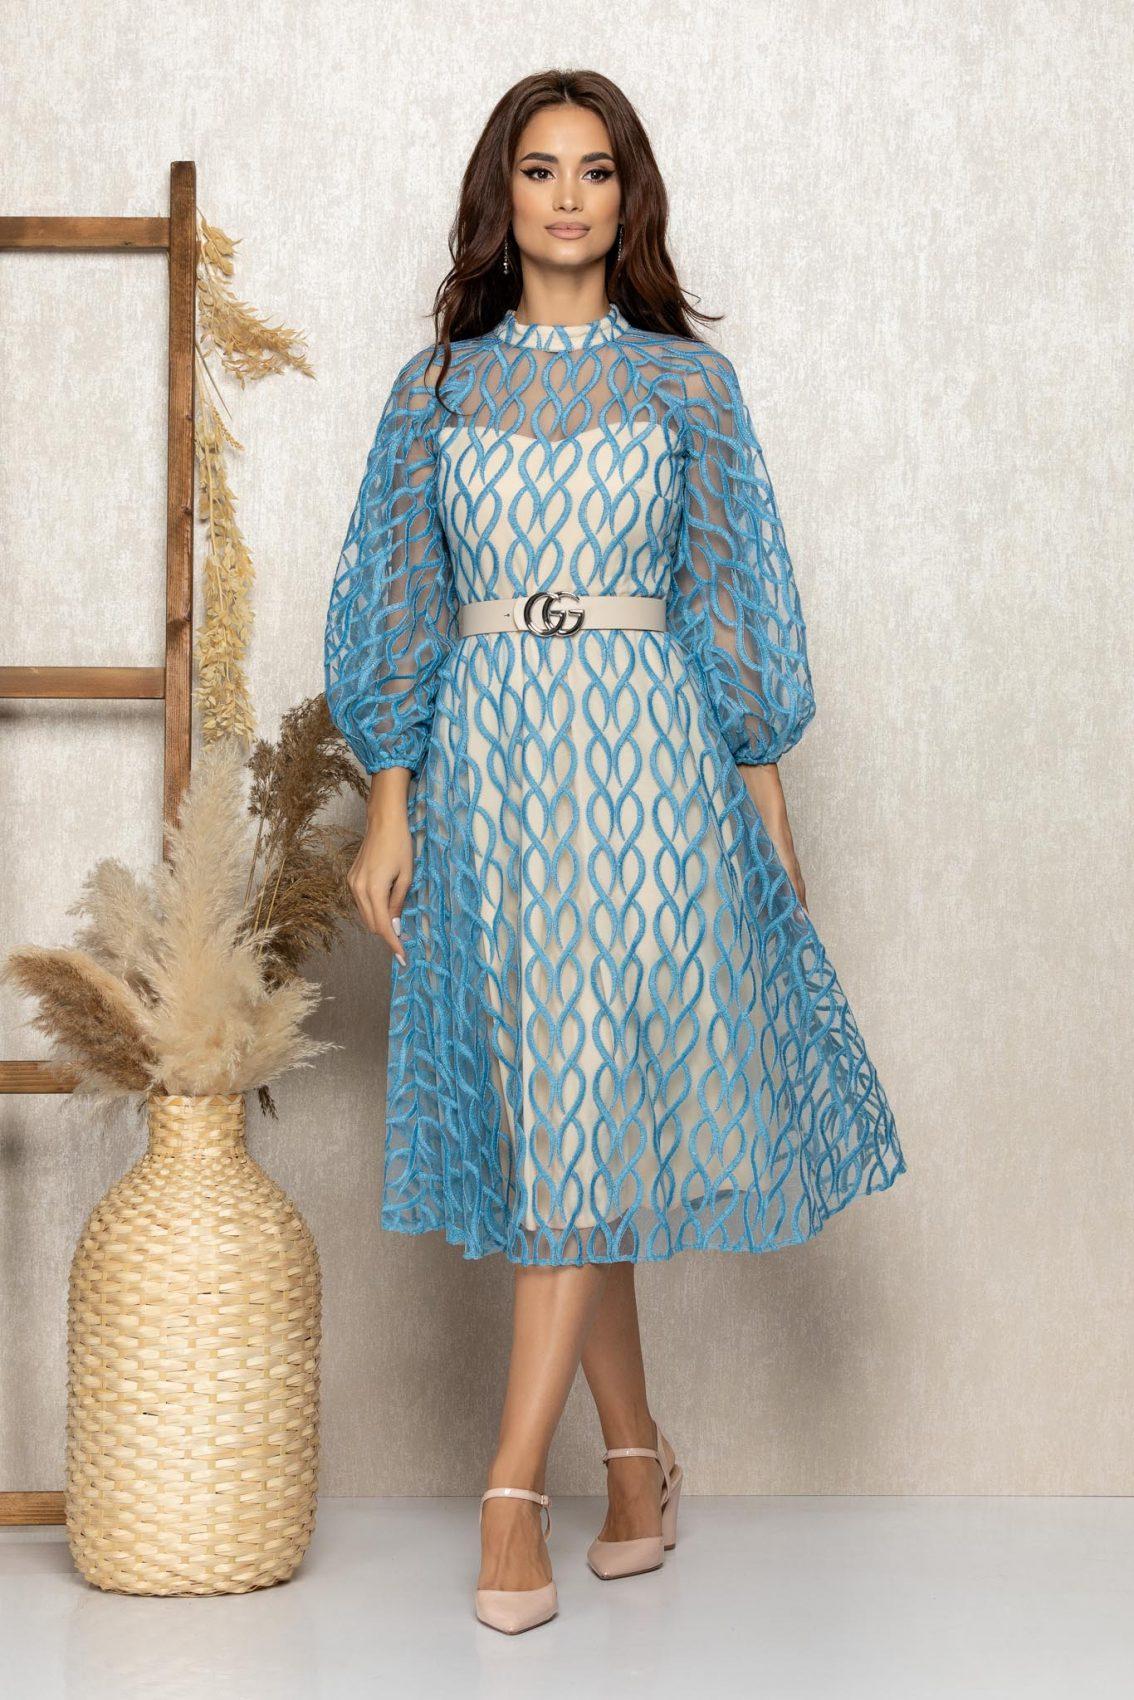 Μπλε Βραδινό Φόρεμα Με Διαφανές Μανίκια Adorra T317 1